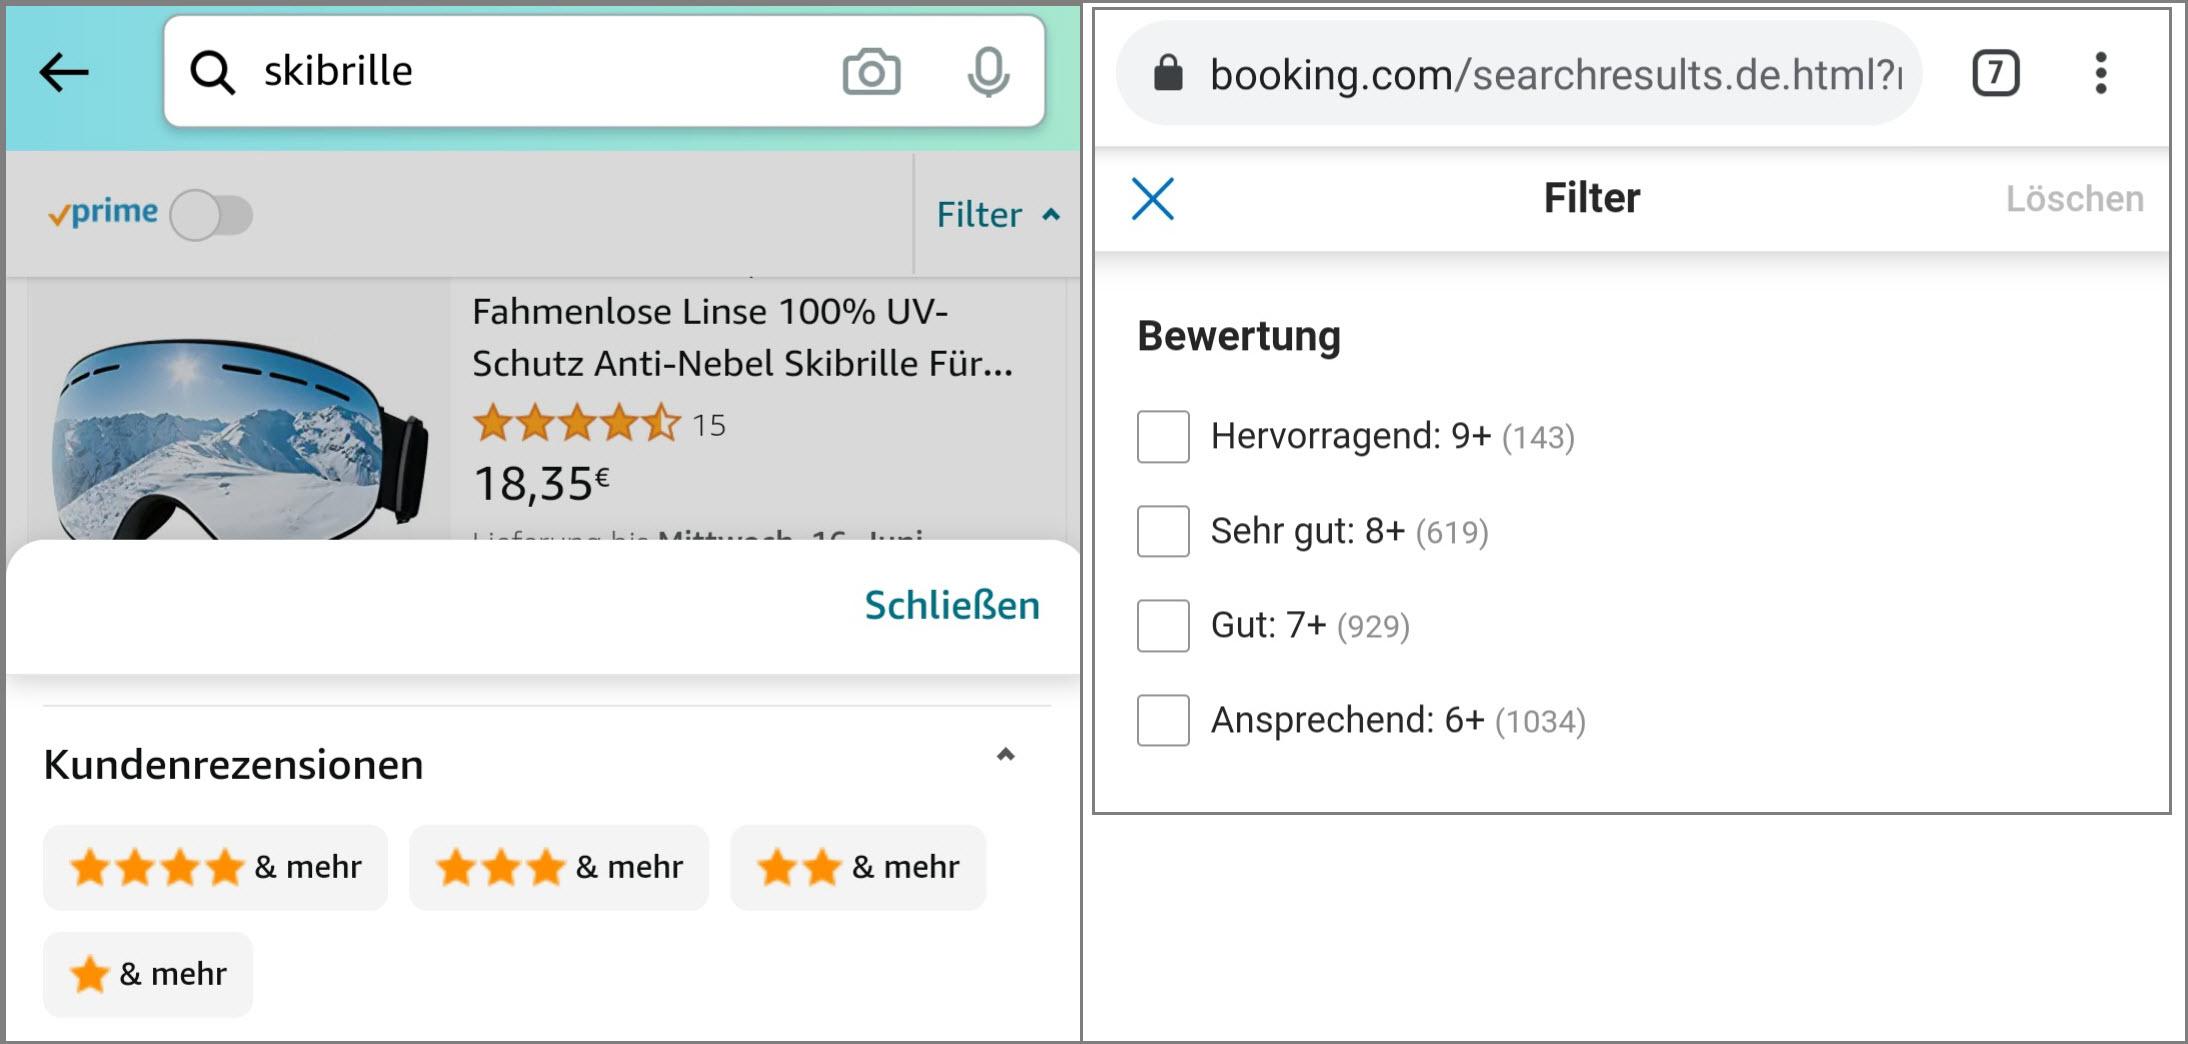 Filter nach Bewertungen auf Amazon und Booking.com